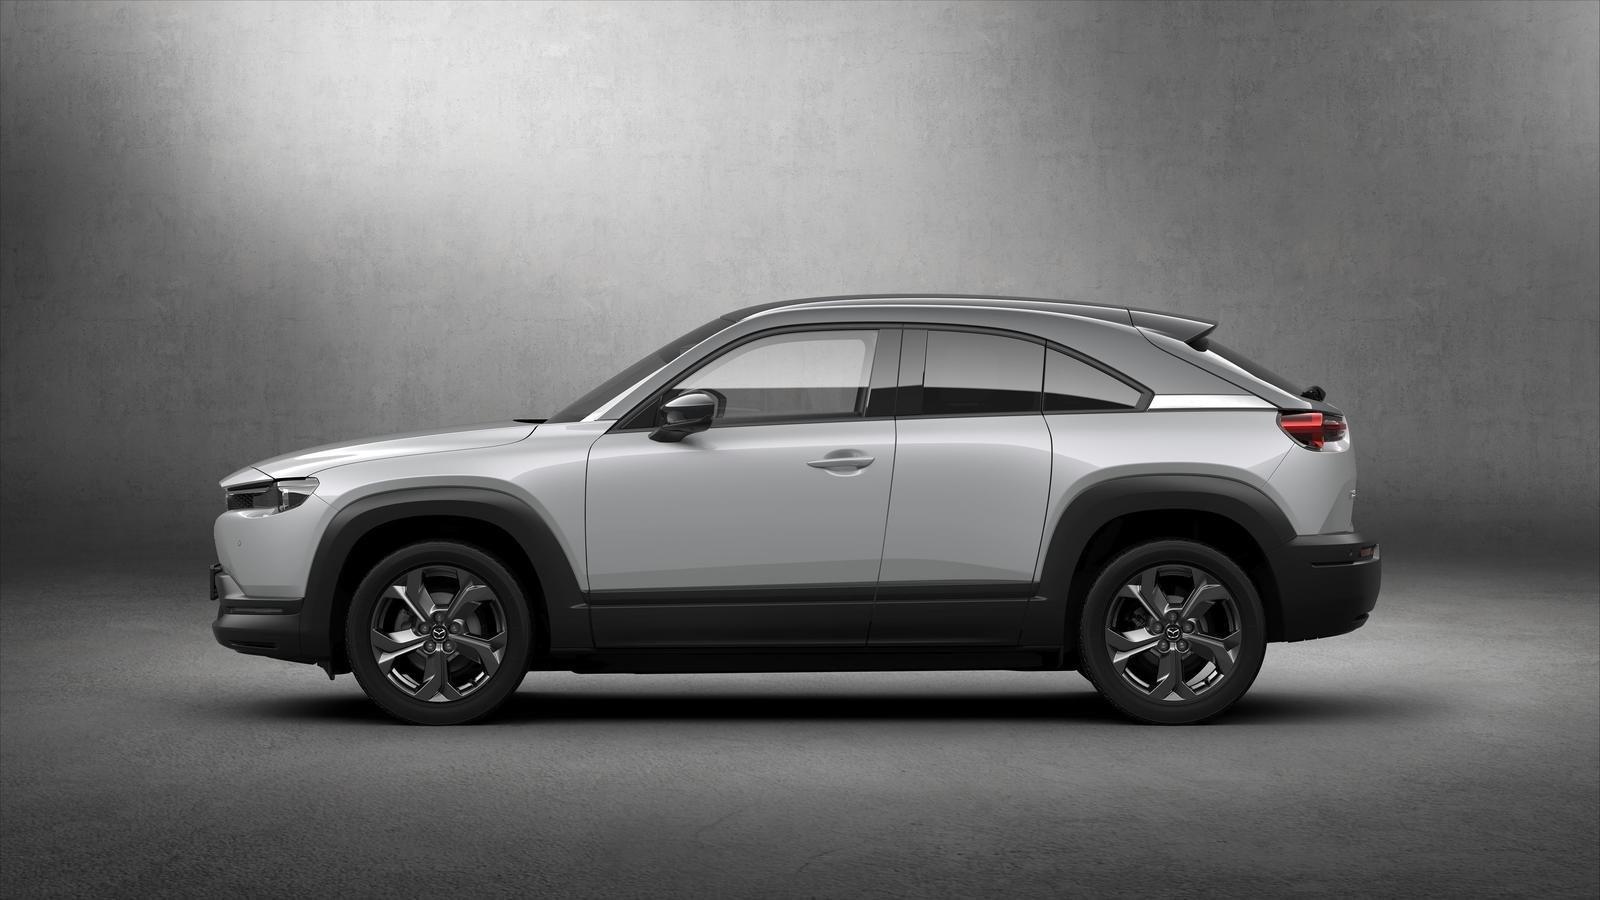 Đánh giá xe Mazda MX-30 2021 về thân xe: chính diện thân xe